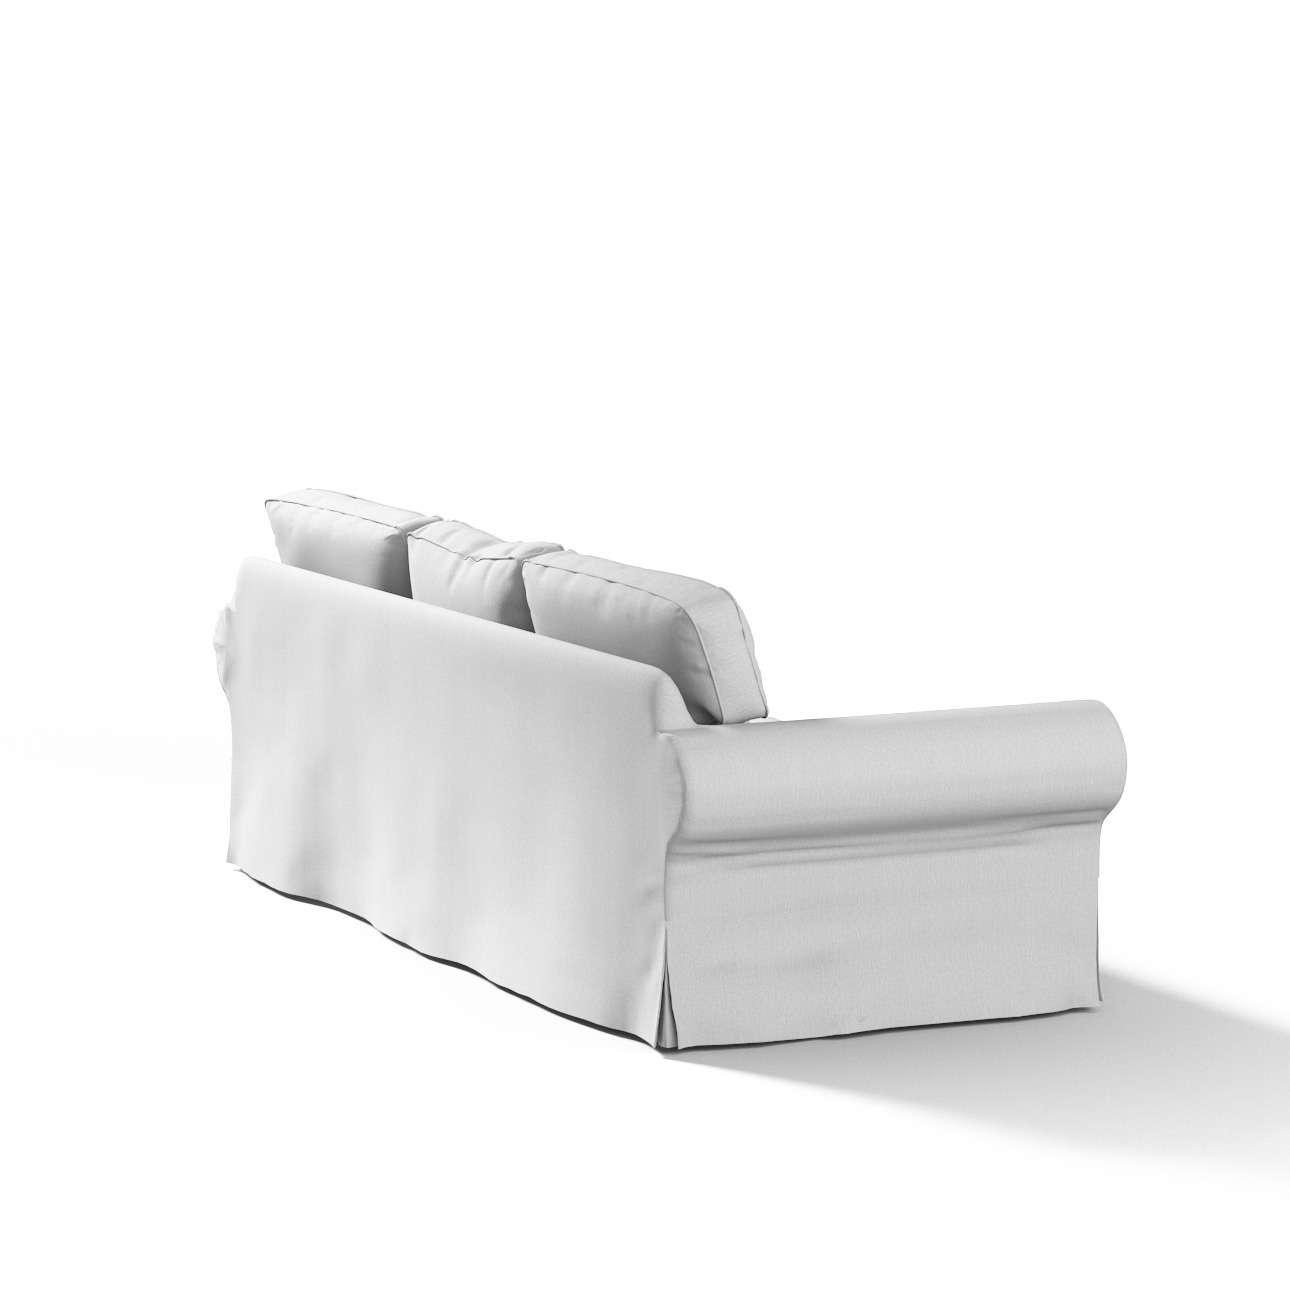 Pokrowiec na sofę Ektorp 3-osobową, rozkładaną NOWY MODEL 2013 Ektorp 3-os rozkładany nowy model 2013 w kolekcji Chenille, tkanina: 702-23